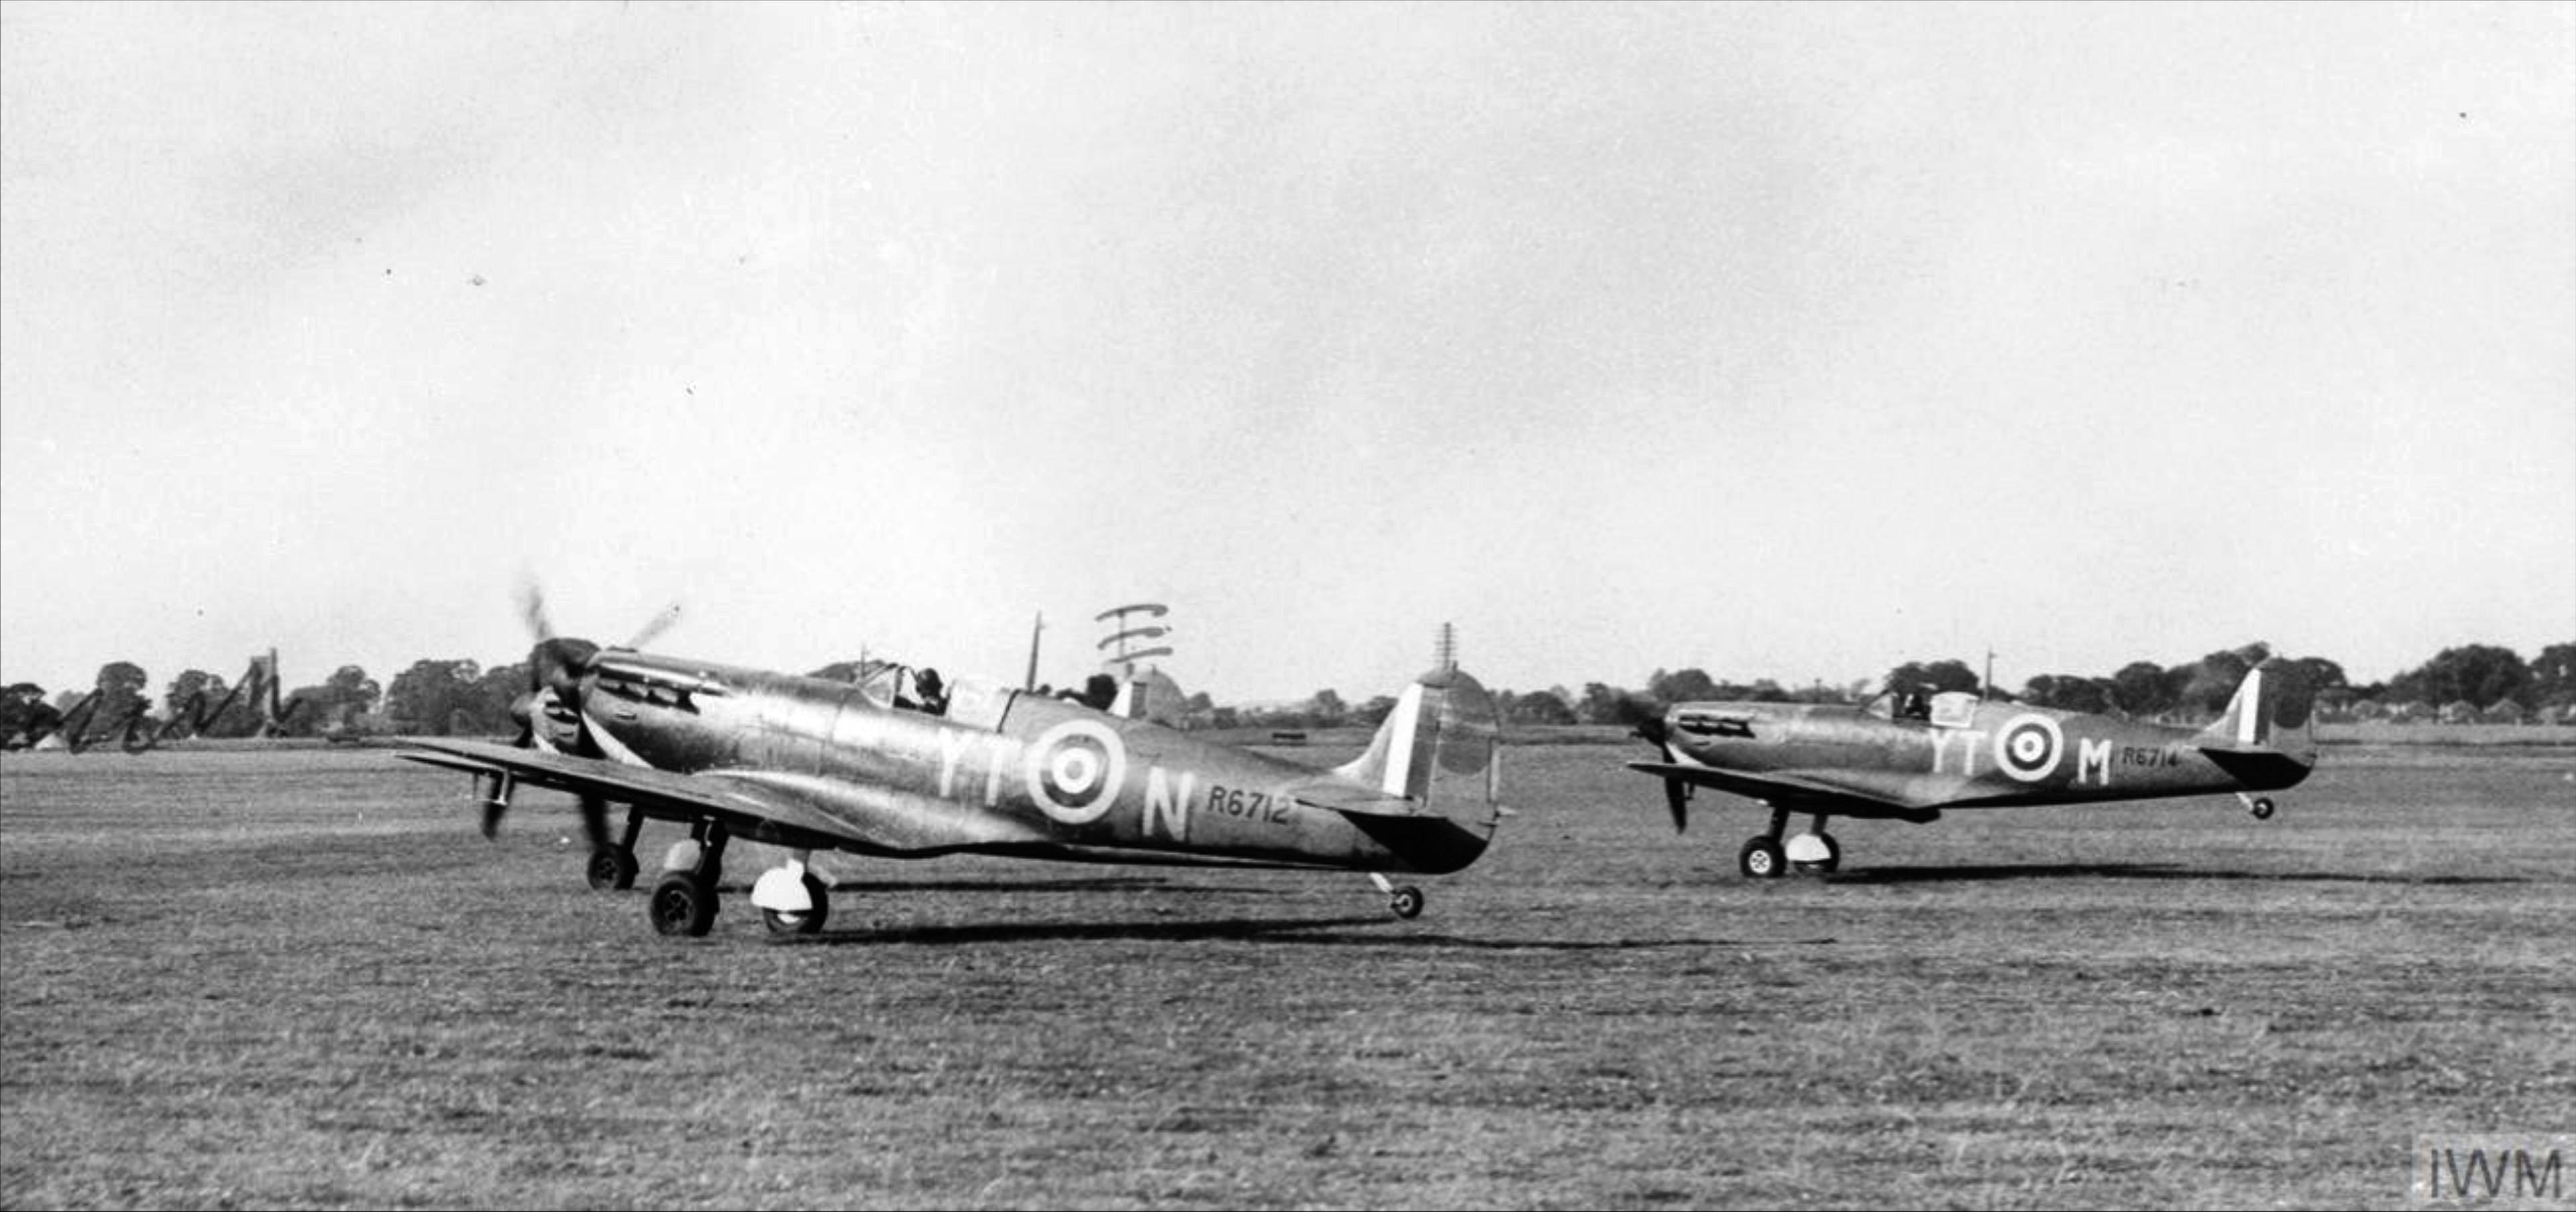 Spitfire MkIa RAF 65Sqn YTN R6712 YTM R6714 Hornchurch Aug 1940 IWM HU54421